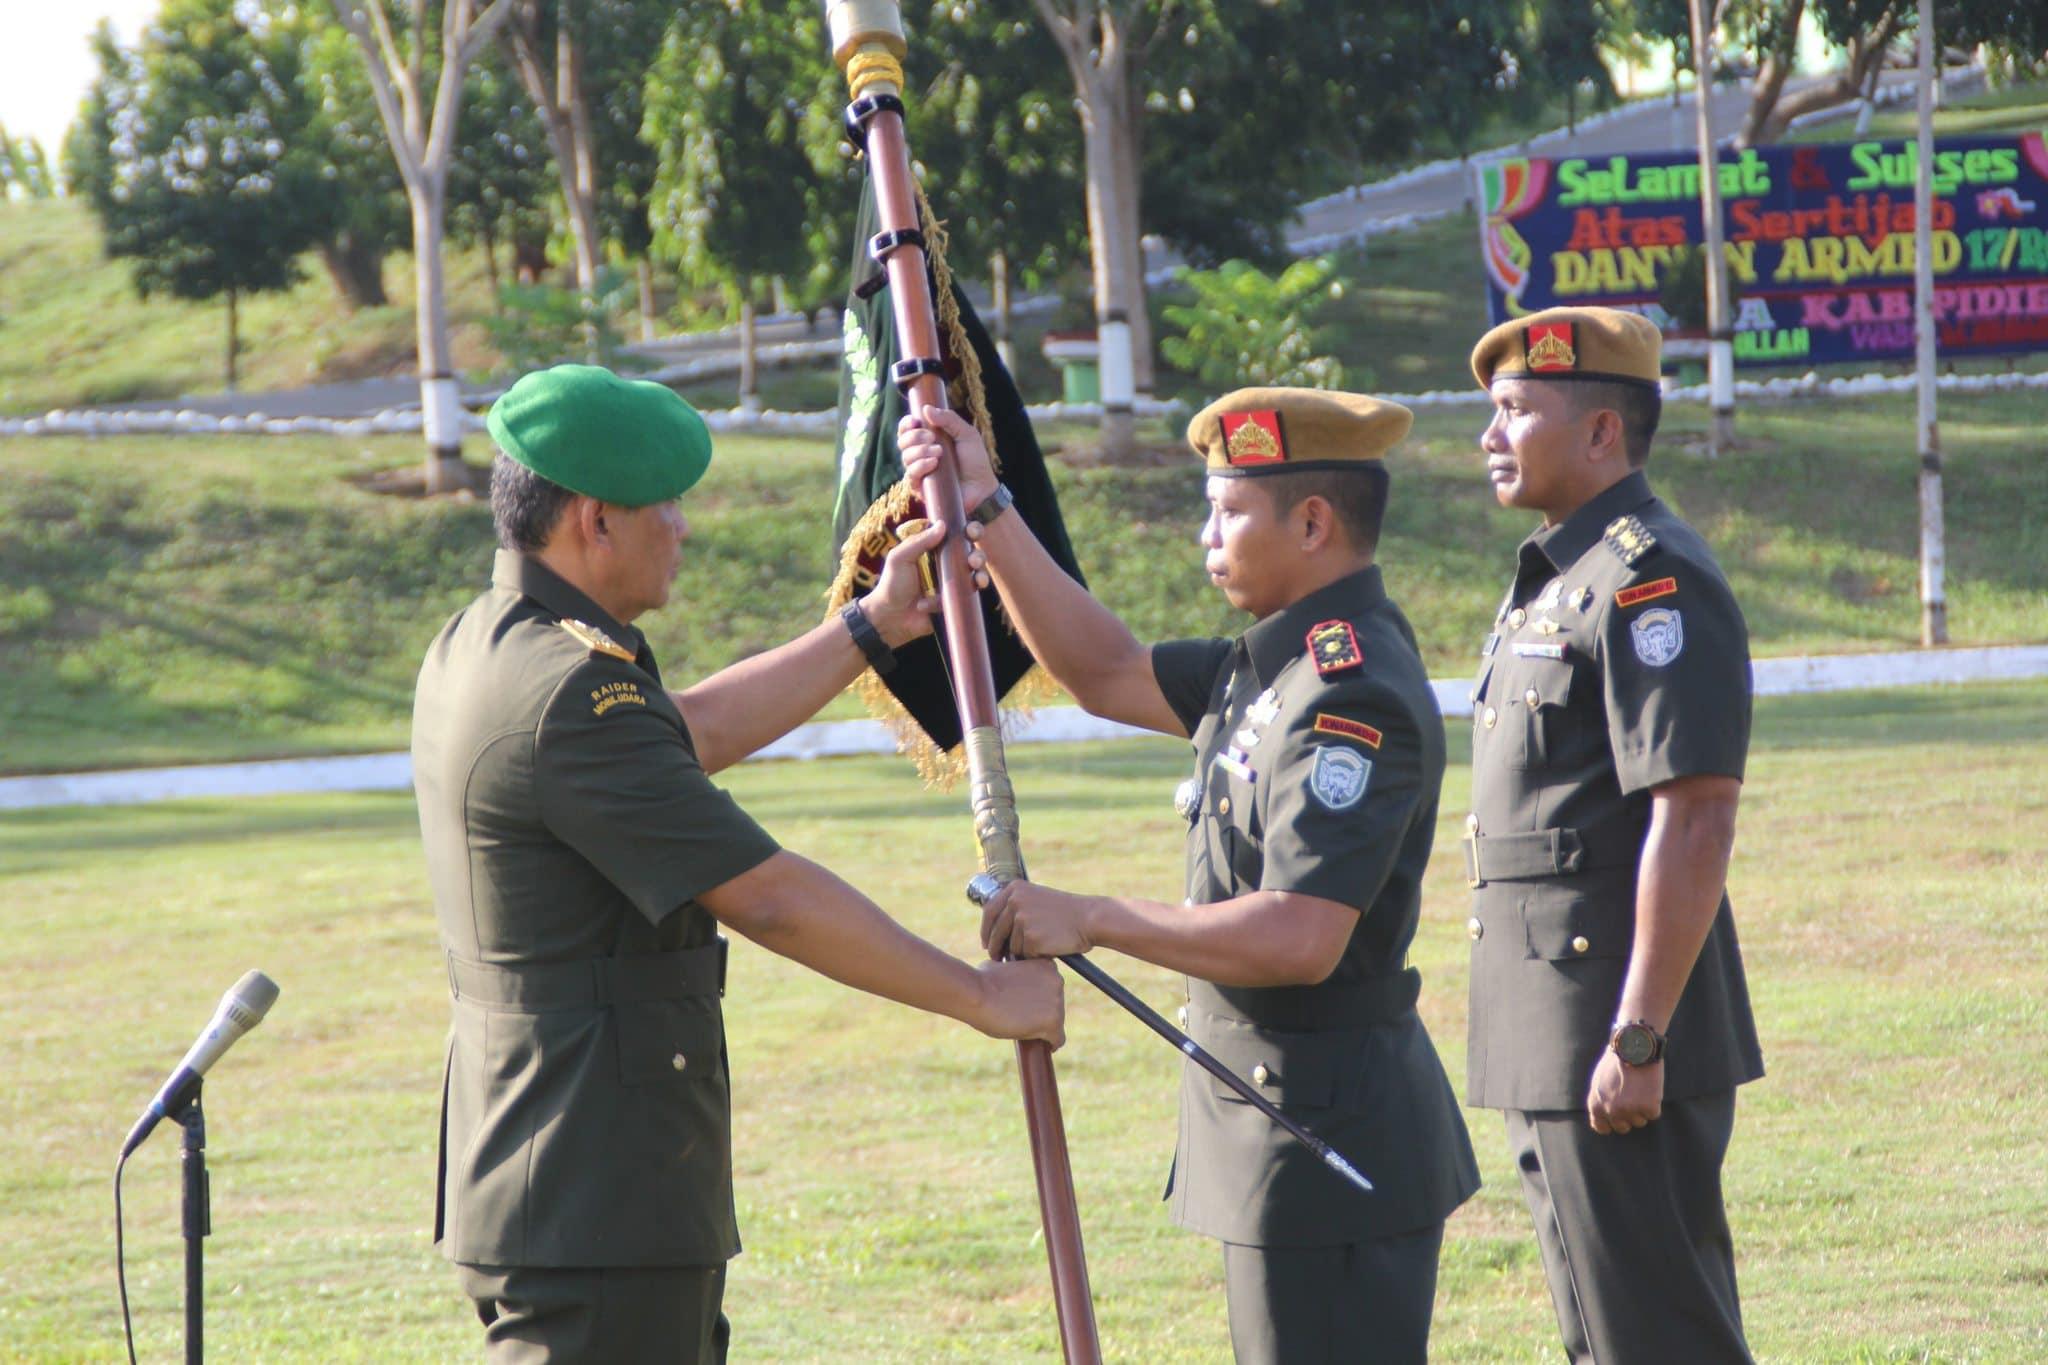 Budi Wahyono Danyon Armed 17/Rencong Cakti Kodam IM